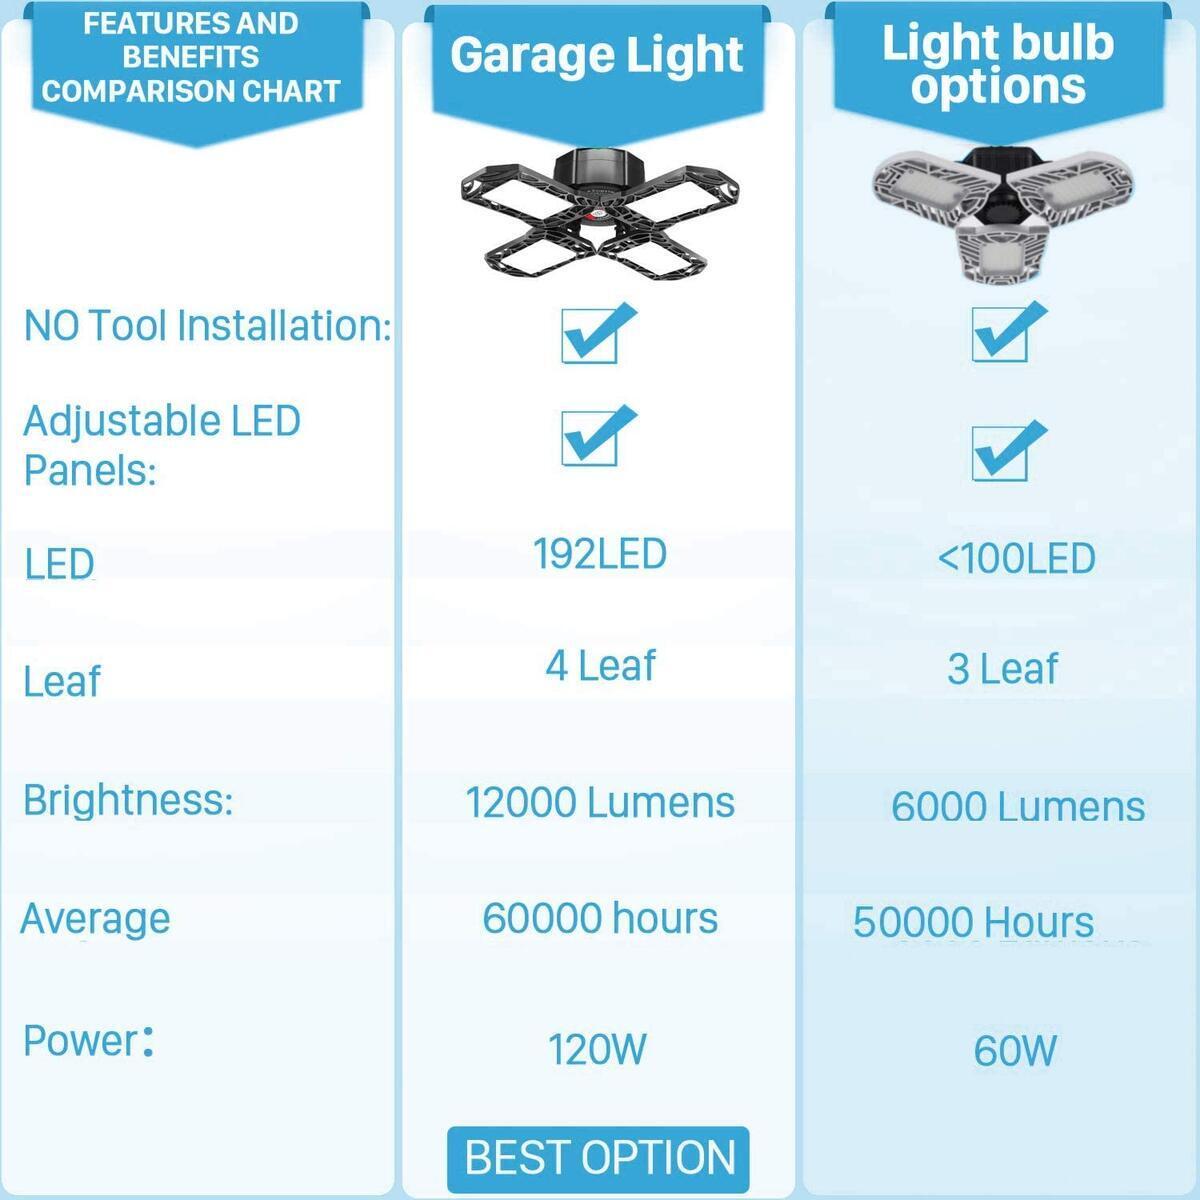 LED Garage Lights 120W, Newest 4 Panels 12000lm Deformable Garage Ceiling Light, 360° Retractable Quadruple Glow LED Adjustable Garage Shop Lighting Bulb E26/E27 for Garage,Barn, Warehouse,Workshop